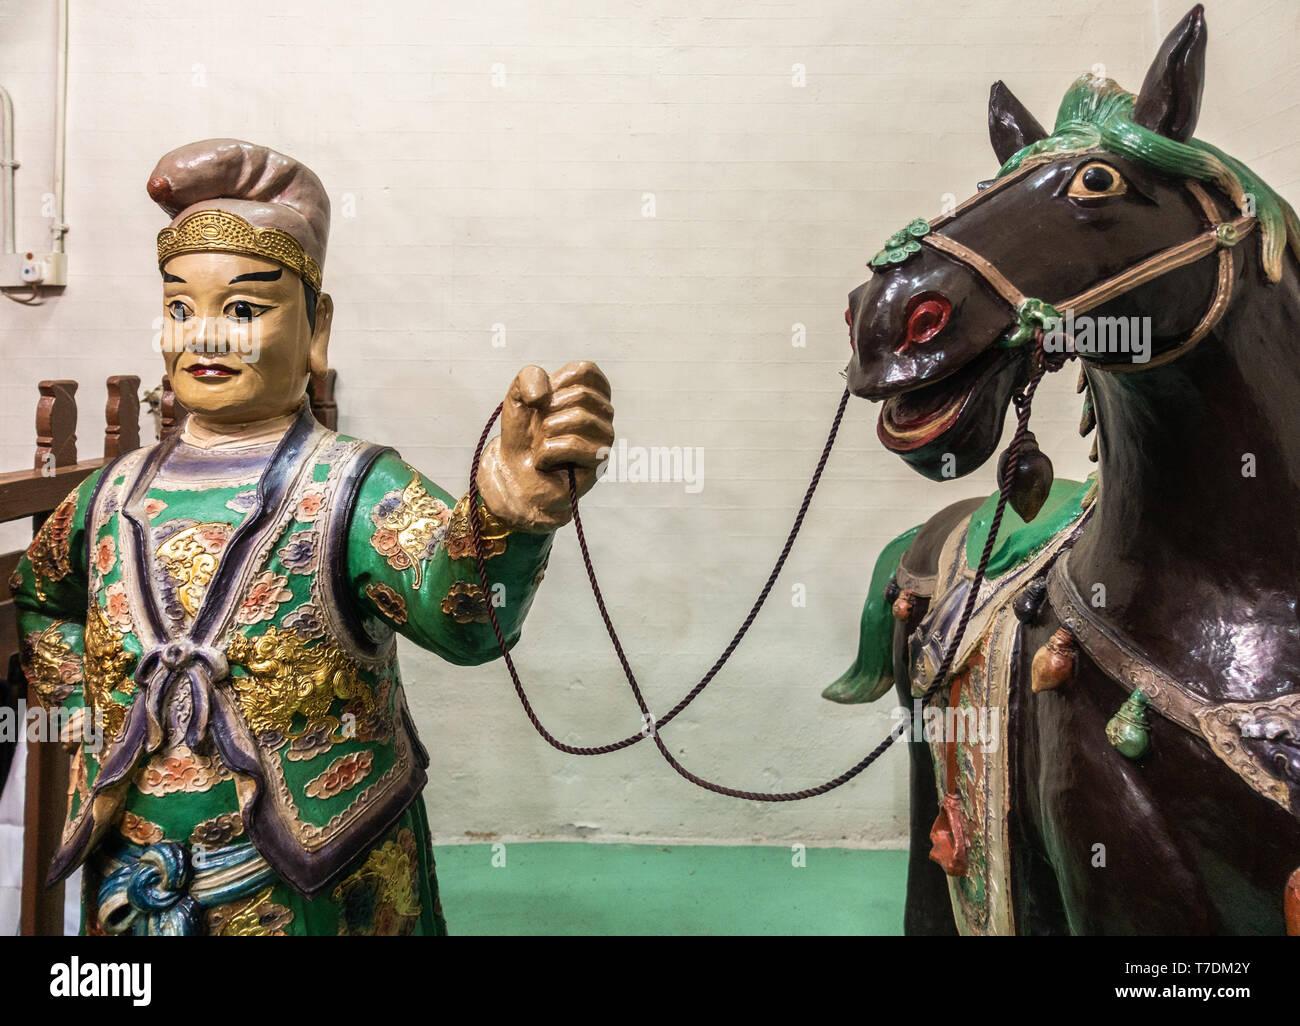 Hong Kong, China - March 7, 2019: Tai O Fishing village. Closeup of man with horse statue at Kwan Tai Taoist temple. - Stock Image